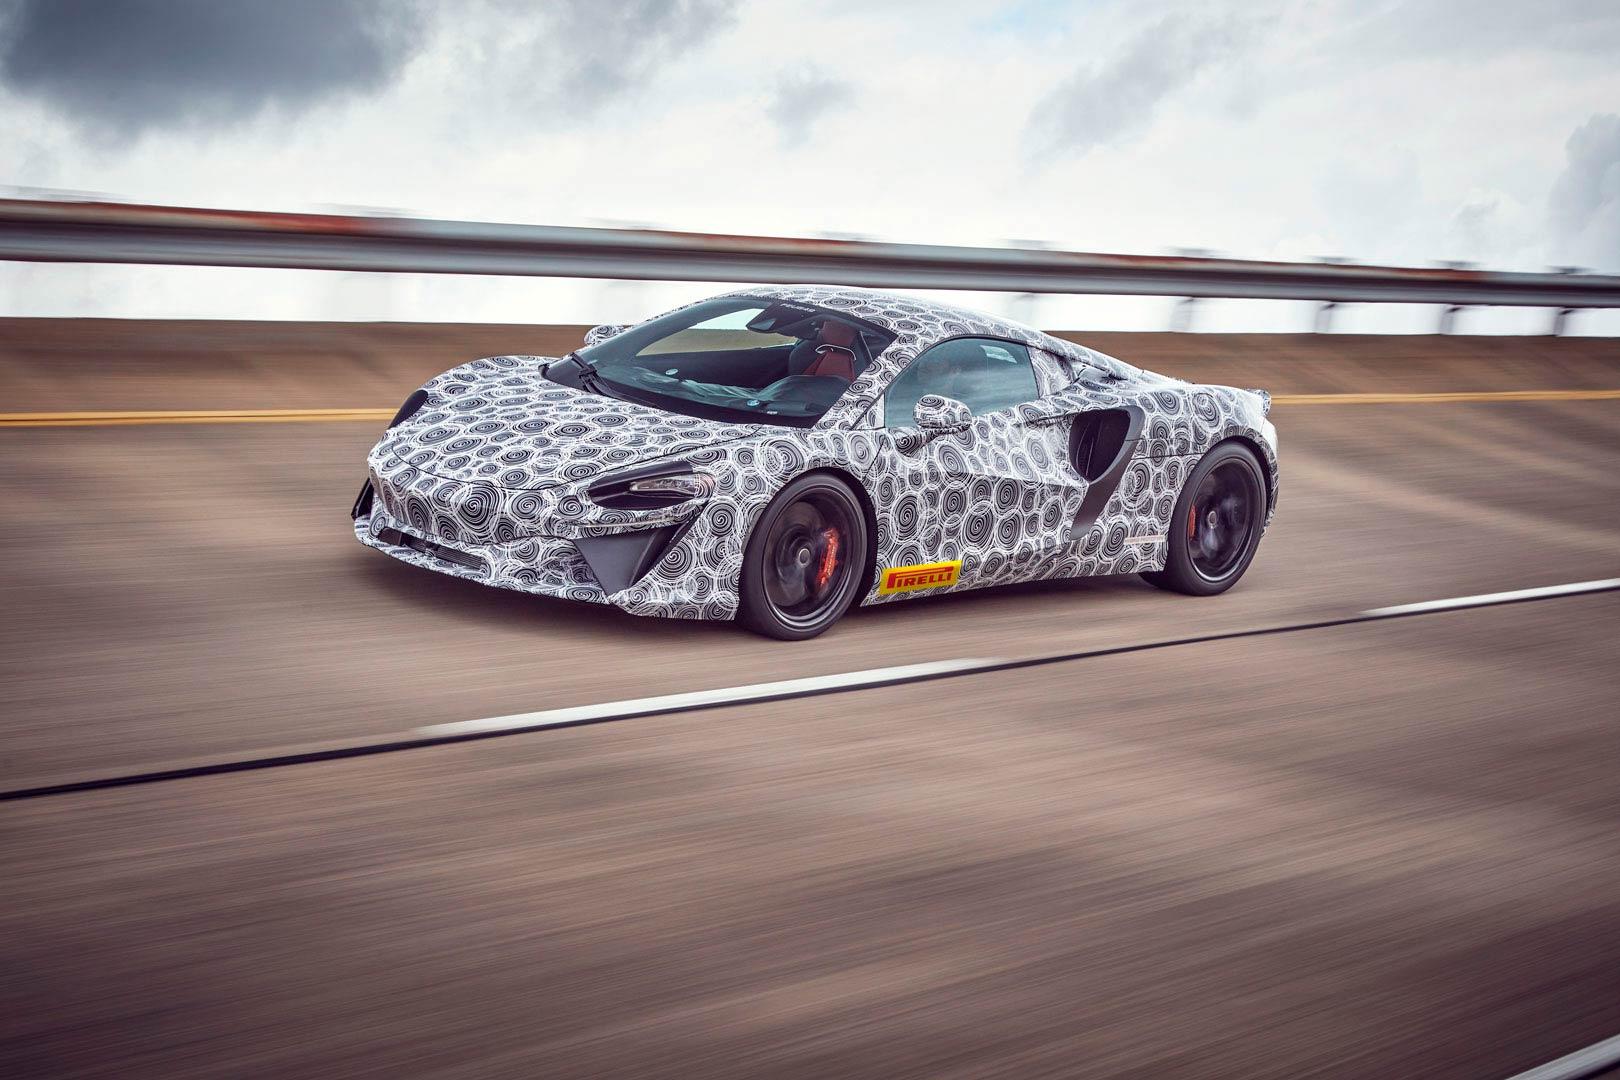 Así se llamará el futuro híbrido deportivo de Woking — McLaren Artura